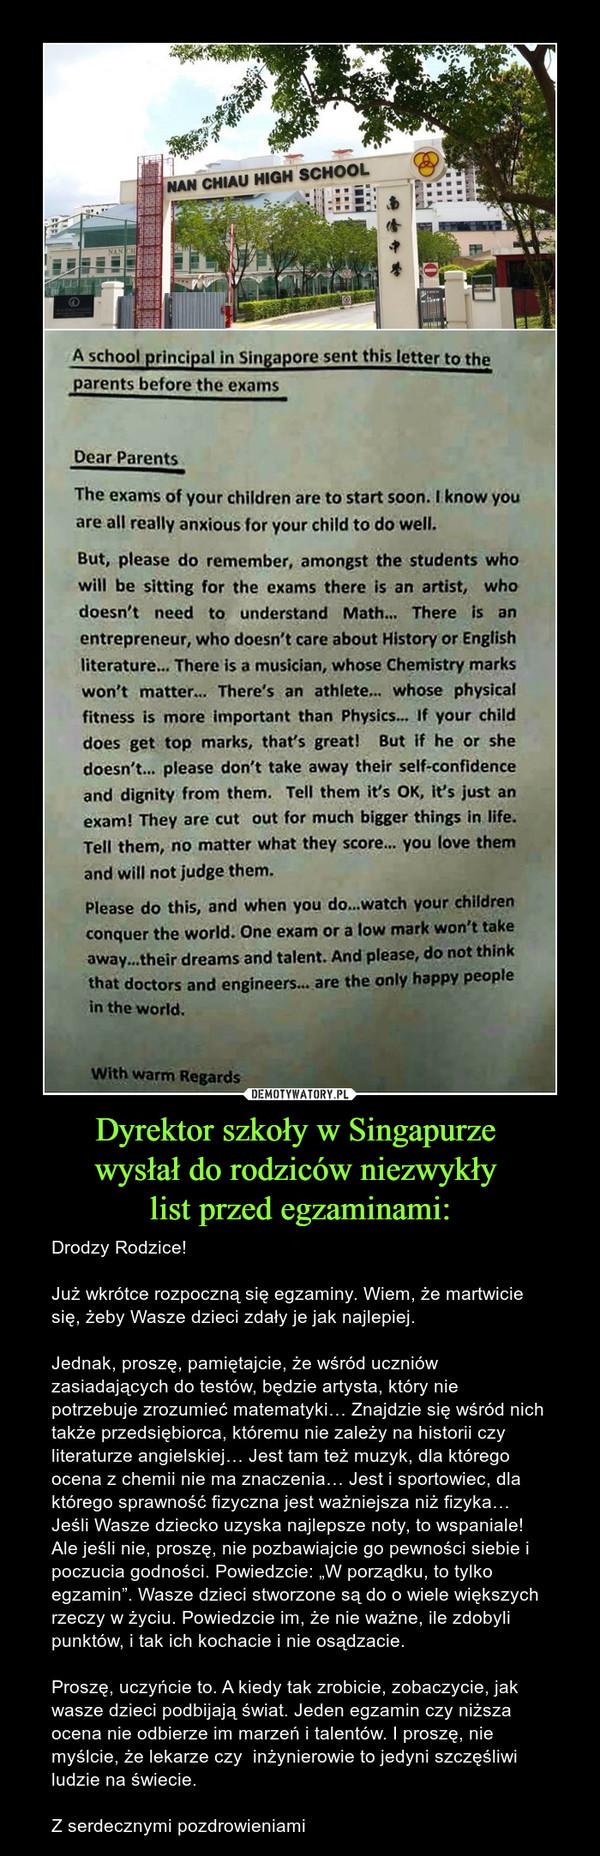 """Dyrektor szkoły w Singapurze wysłał do rodziców niezwykły list przed egzaminami: – Drodzy Rodzice!Już wkrótce rozpoczną się egzaminy. Wiem, że martwicie się, żeby Wasze dzieci zdały je jak najlepiej.Jednak, proszę, pamiętajcie, że wśród uczniów zasiadających do testów, będzie artysta, który nie potrzebuje zrozumieć matematyki… Znajdzie się wśród nich także przedsiębiorca, któremu nie zależy na historii czy literaturze angielskiej… Jest tam też muzyk, dla którego ocena z chemii nie ma znaczenia… Jest i sportowiec, dla którego sprawność fizyczna jest ważniejsza niż fizyka… Jeśli Wasze dziecko uzyska najlepsze noty, to wspaniale! Ale jeśli nie, proszę, nie pozbawiajcie go pewności siebie i poczucia godności. Powiedzcie: """"W porządku, to tylko egzamin"""". Wasze dzieci stworzone są do o wiele większych rzeczy w życiu. Powiedzcie im, że nie ważne, ile zdobyli punktów, i tak ich kochacie i nie osądzacie.Proszę, uczyńcie to. A kiedy tak zrobicie, zobaczycie, jak wasze dzieci podbijają świat. Jeden egzamin czy niższa ocena nie odbierze im marzeń i talentów. I proszę, nie myślcie, że lekarze czy  inżynierowie to jedyni szczęśliwi ludzie na świecie.Z serdecznymi pozdrowieniami"""